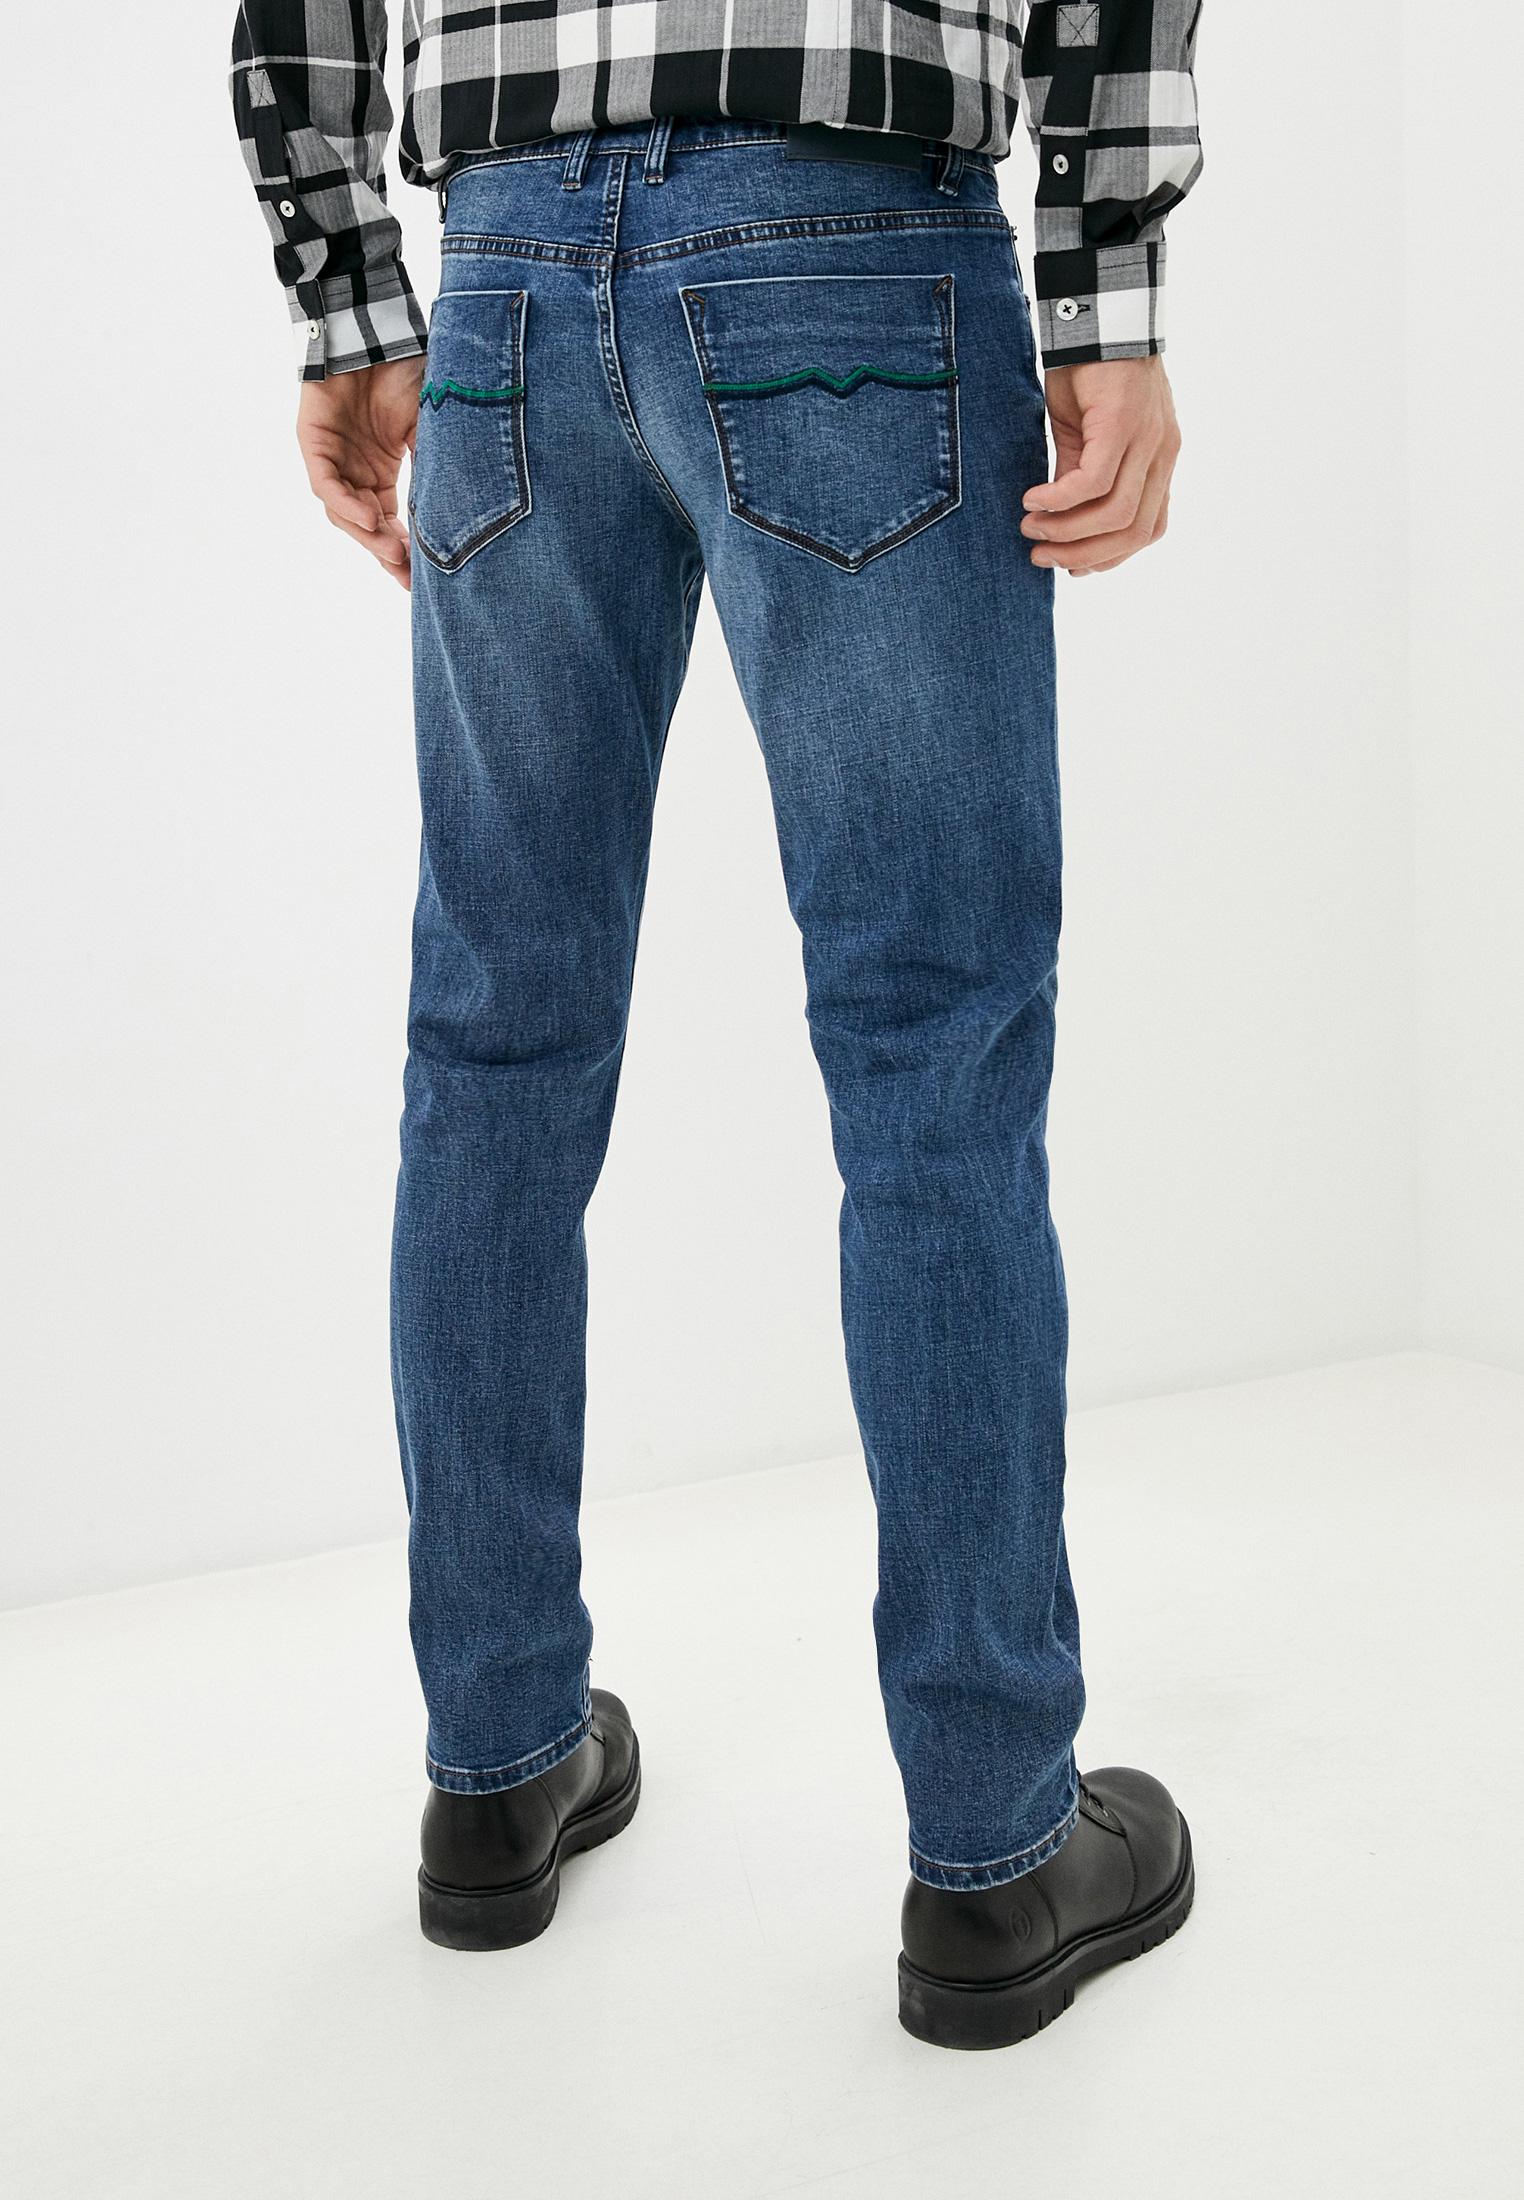 Мужские зауженные джинсы Bikkembergs (Биккембергс) C P 112 00 S 3279: изображение 4